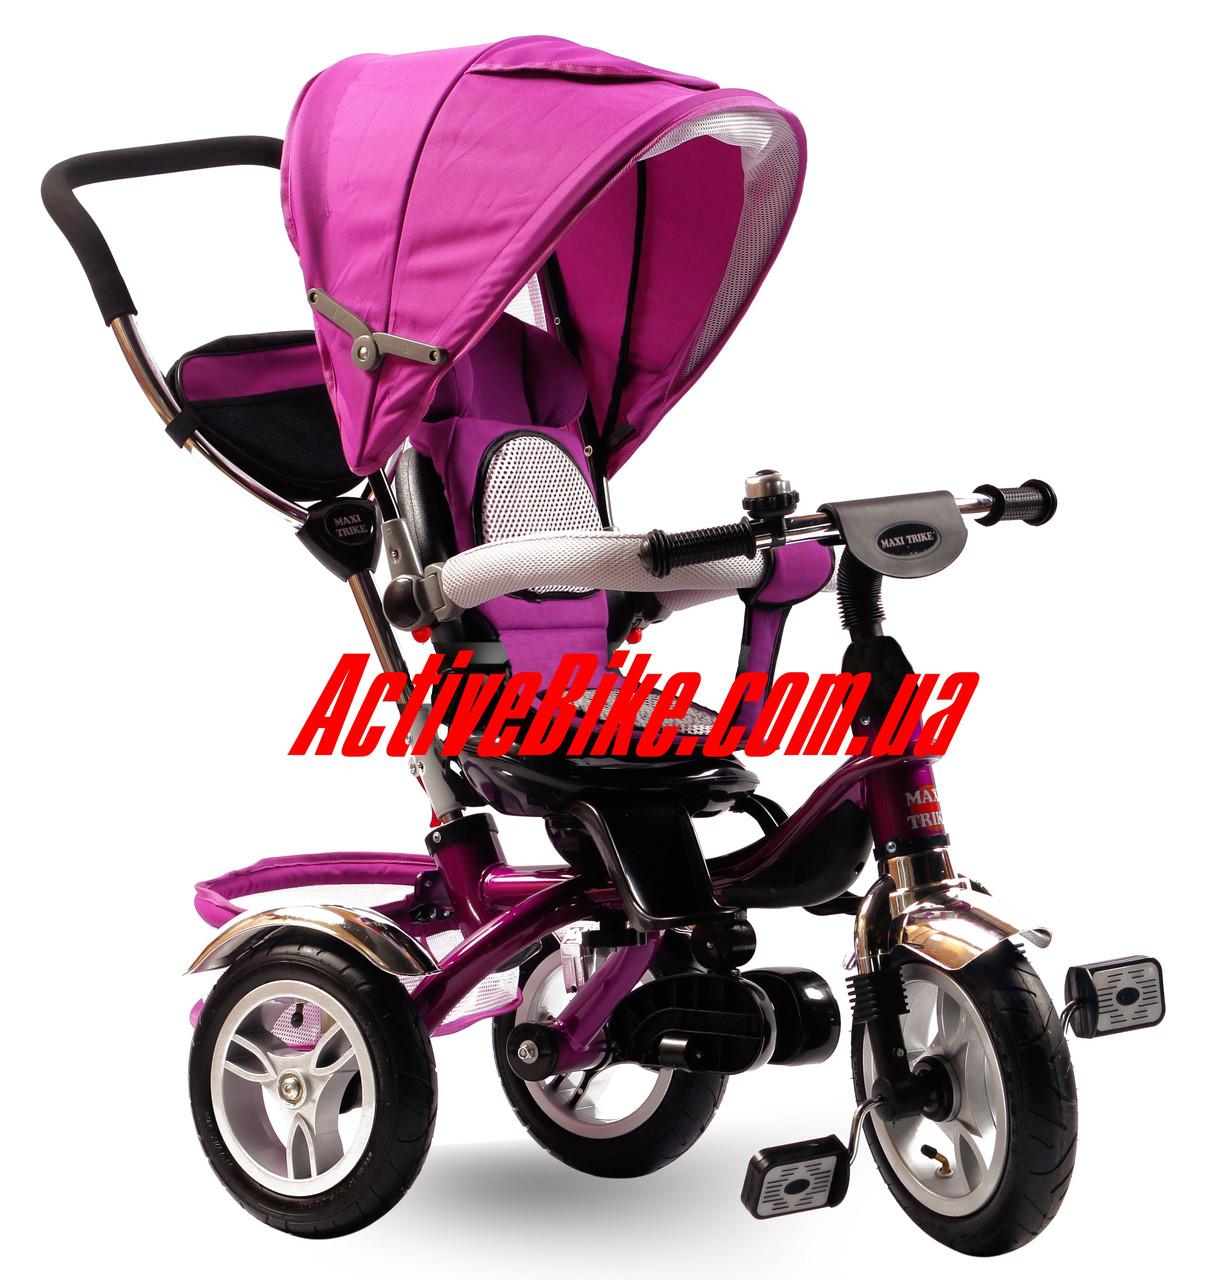 Детский трехколесный велосипед Maxi Trike 5566-6